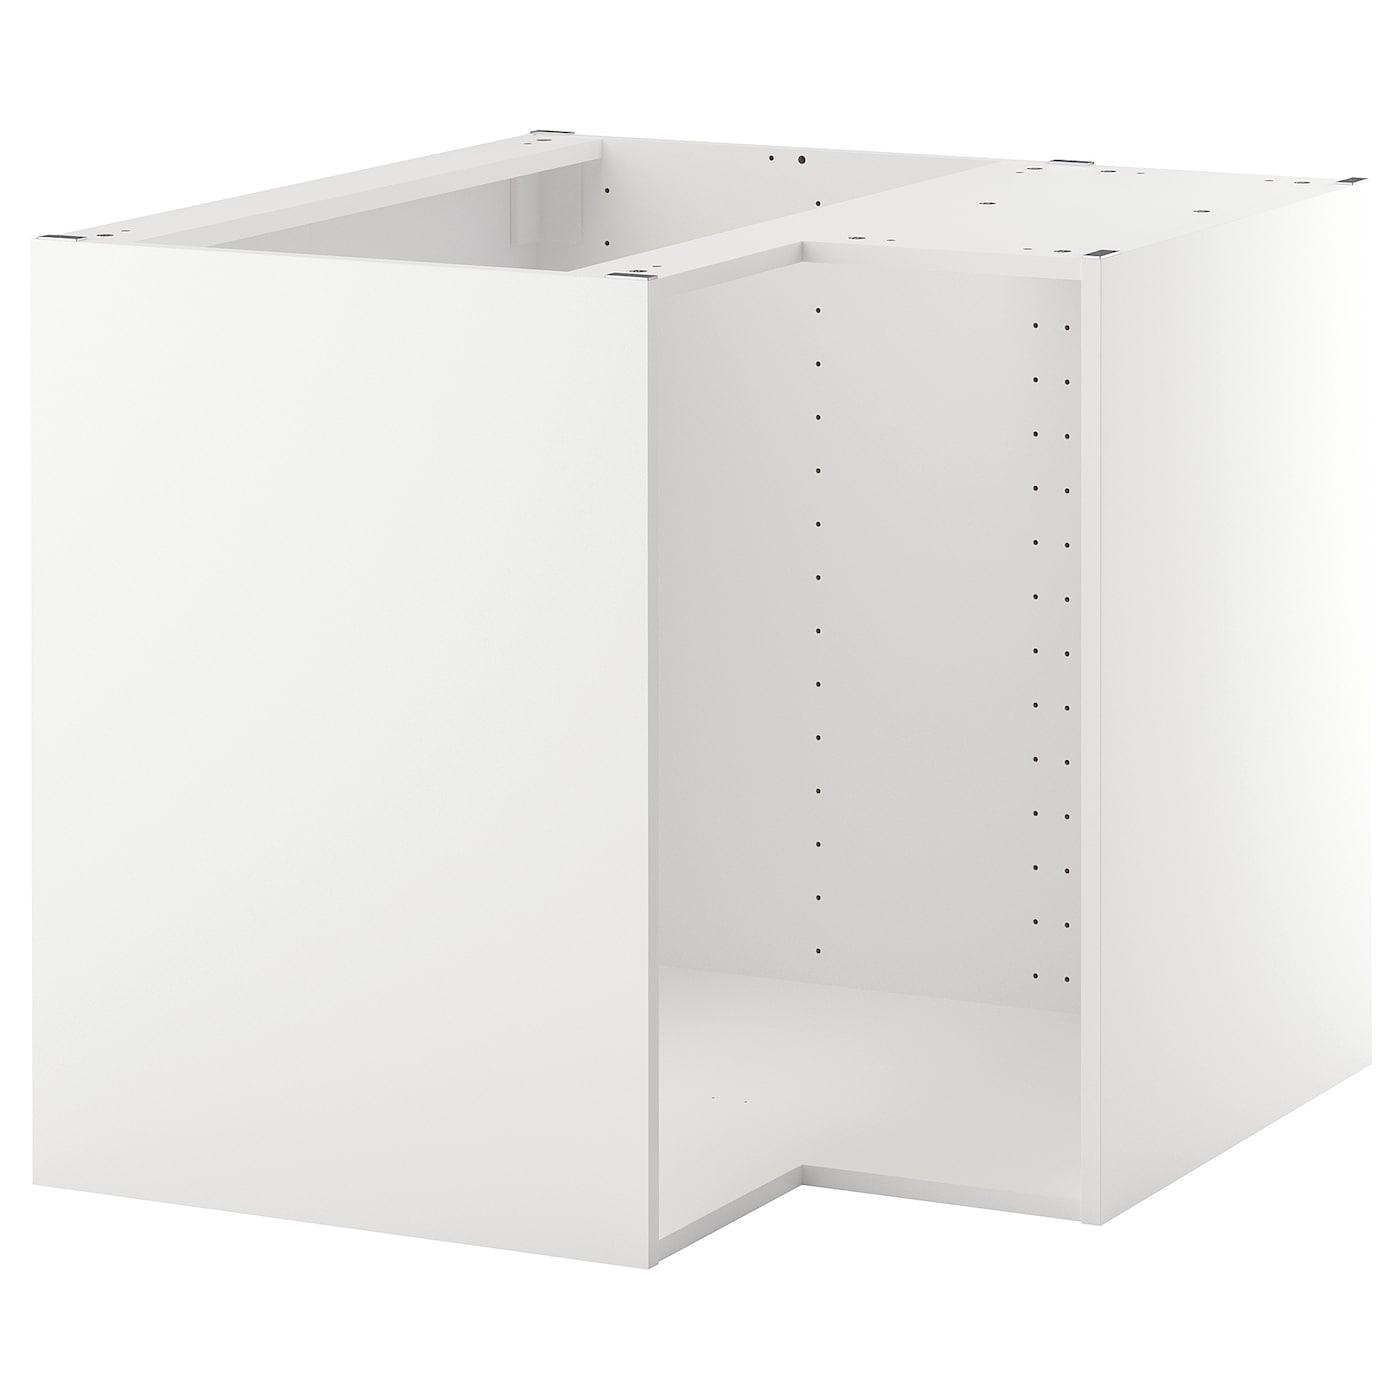 Full Size of Küche Kaufen Ikea Unterschrank Bad Miniküche Kosten Holz Küchen Regal Betten Bei Modulküche Sofa Mit Schlaffunktion 160x200 Eckunterschrank Badezimmer Wohnzimmer Ikea Küchen Unterschrank